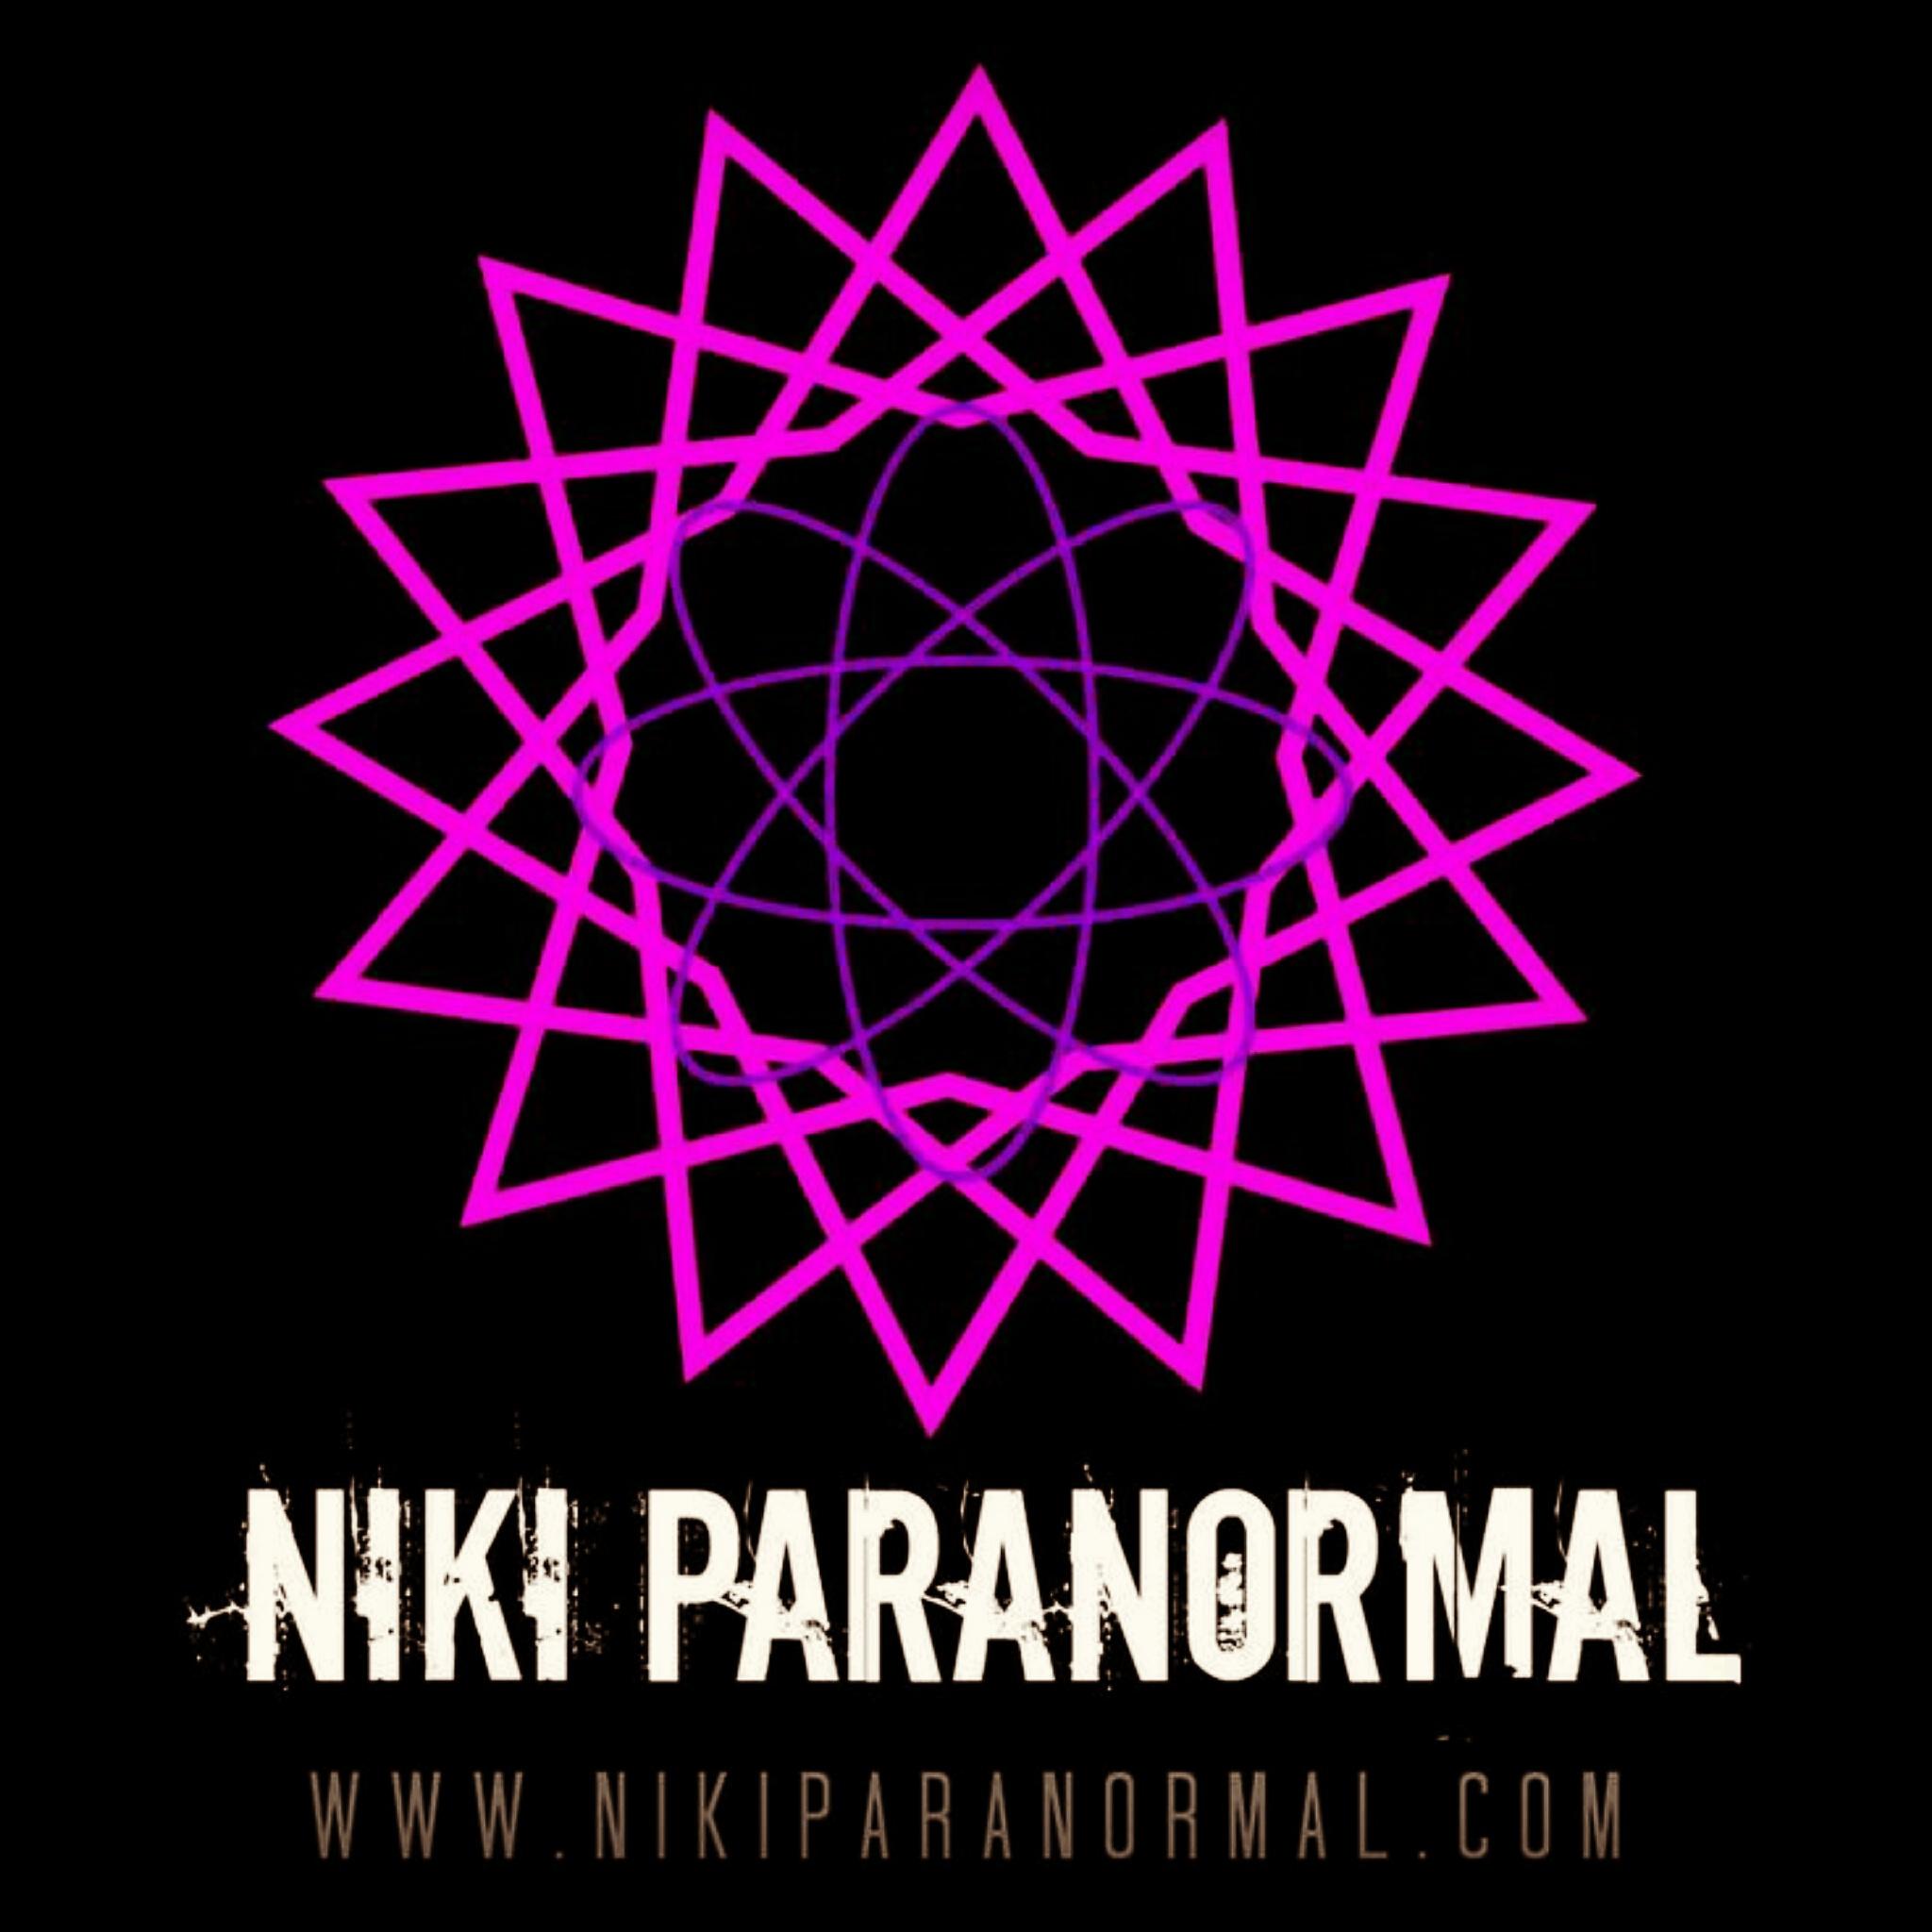 www.NikiParanormal.com